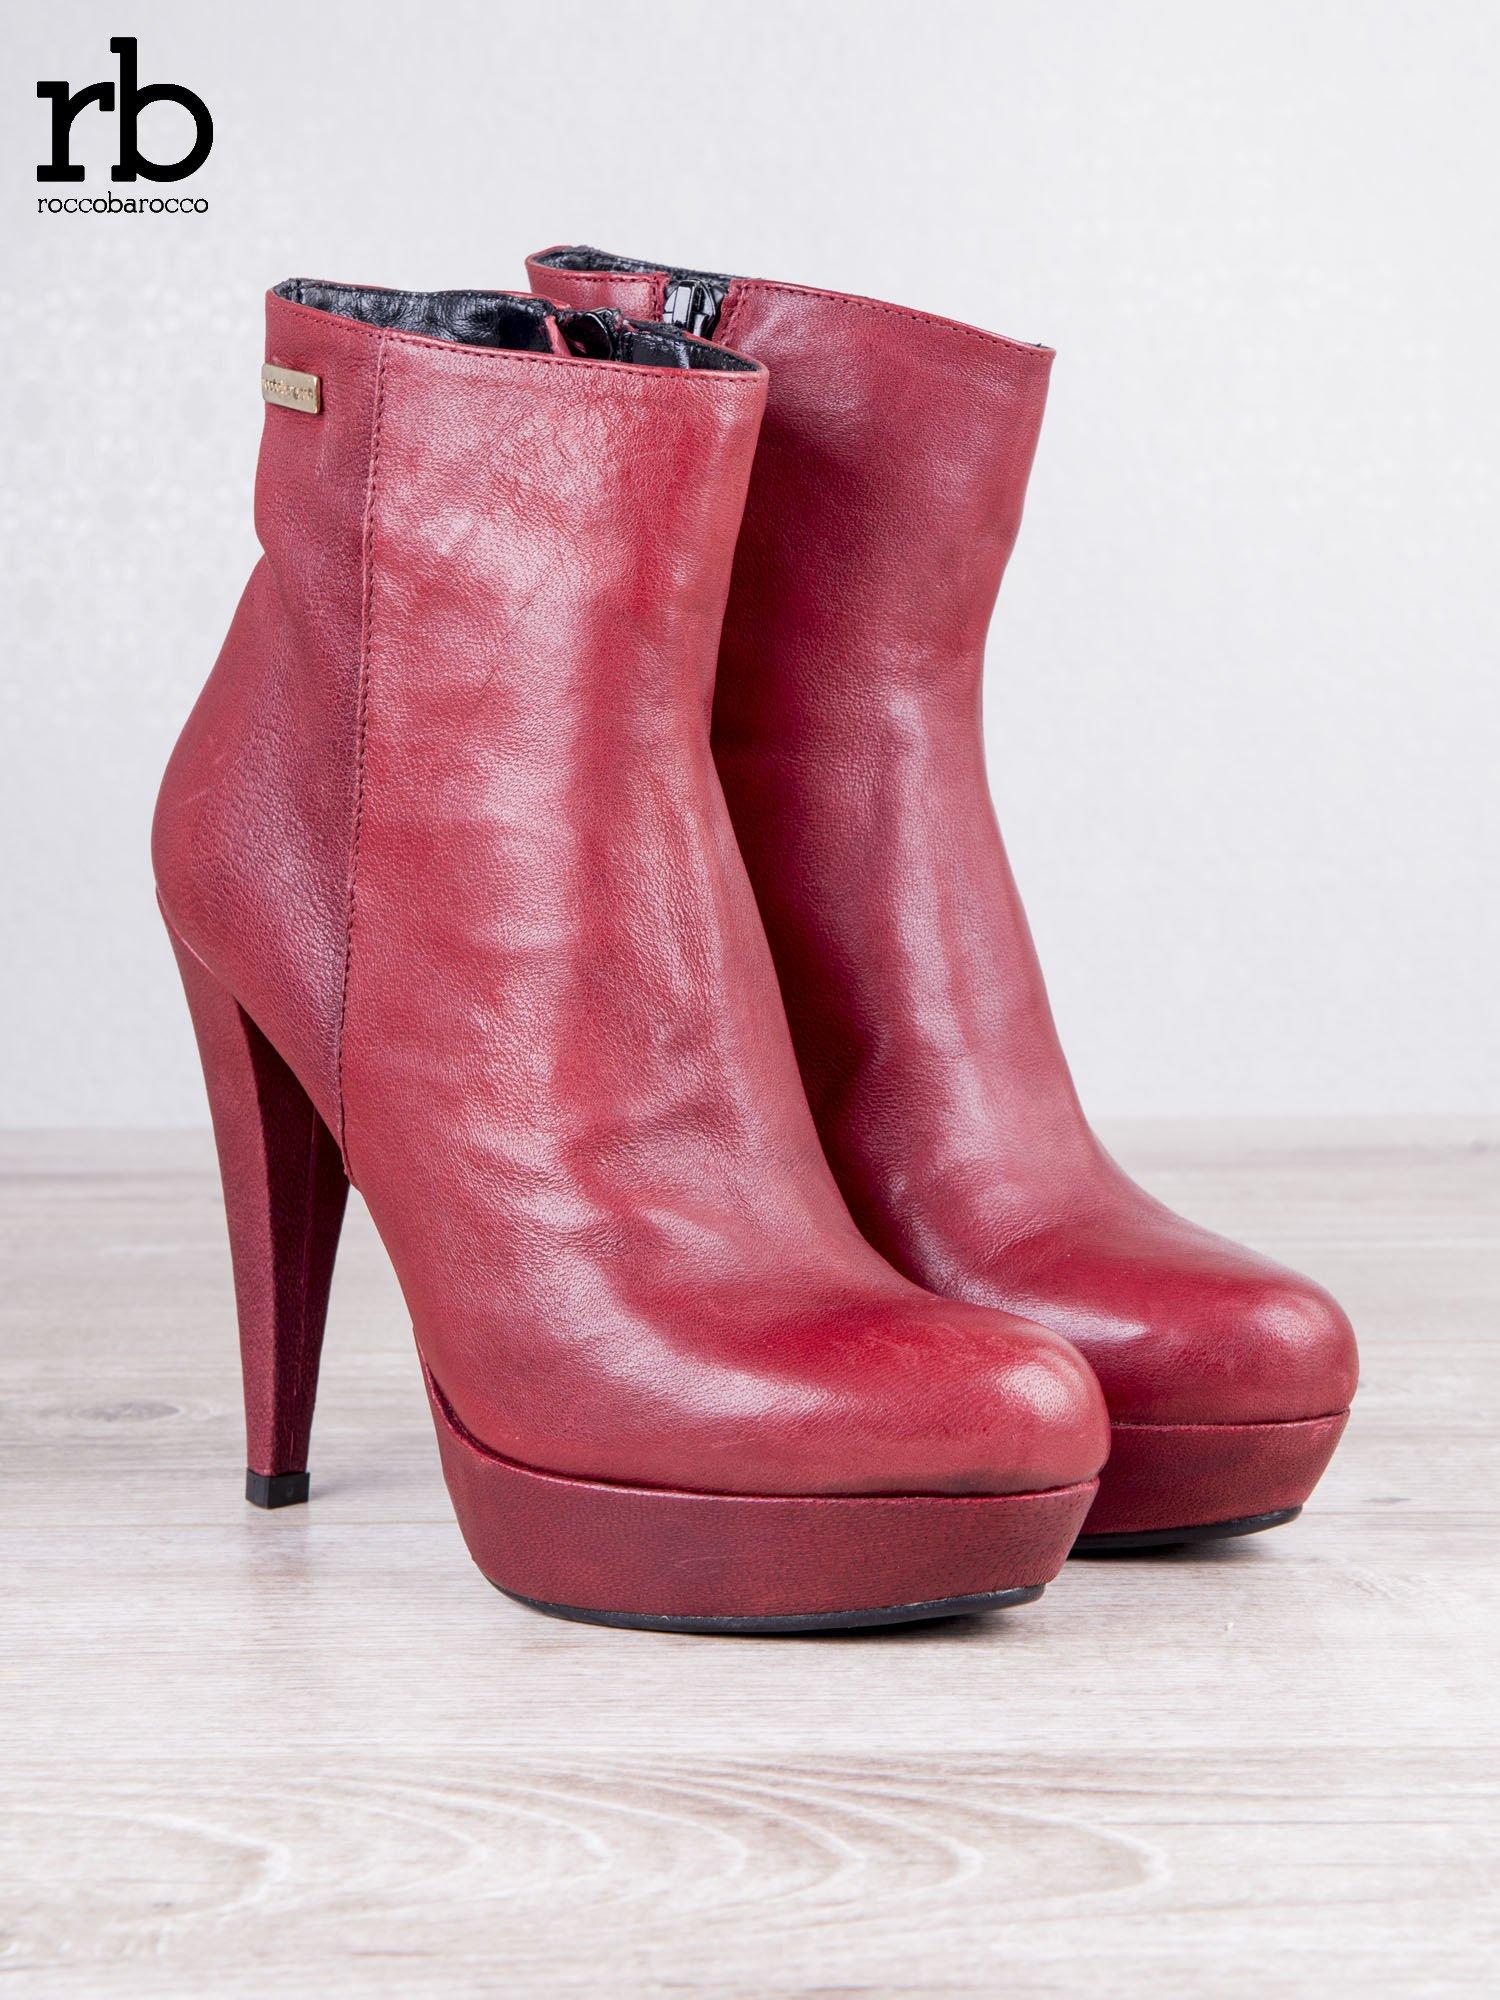 ROCCOBAROCCO czerwone skórzane botki genuine leather na koturnach                                  zdj.                                  6